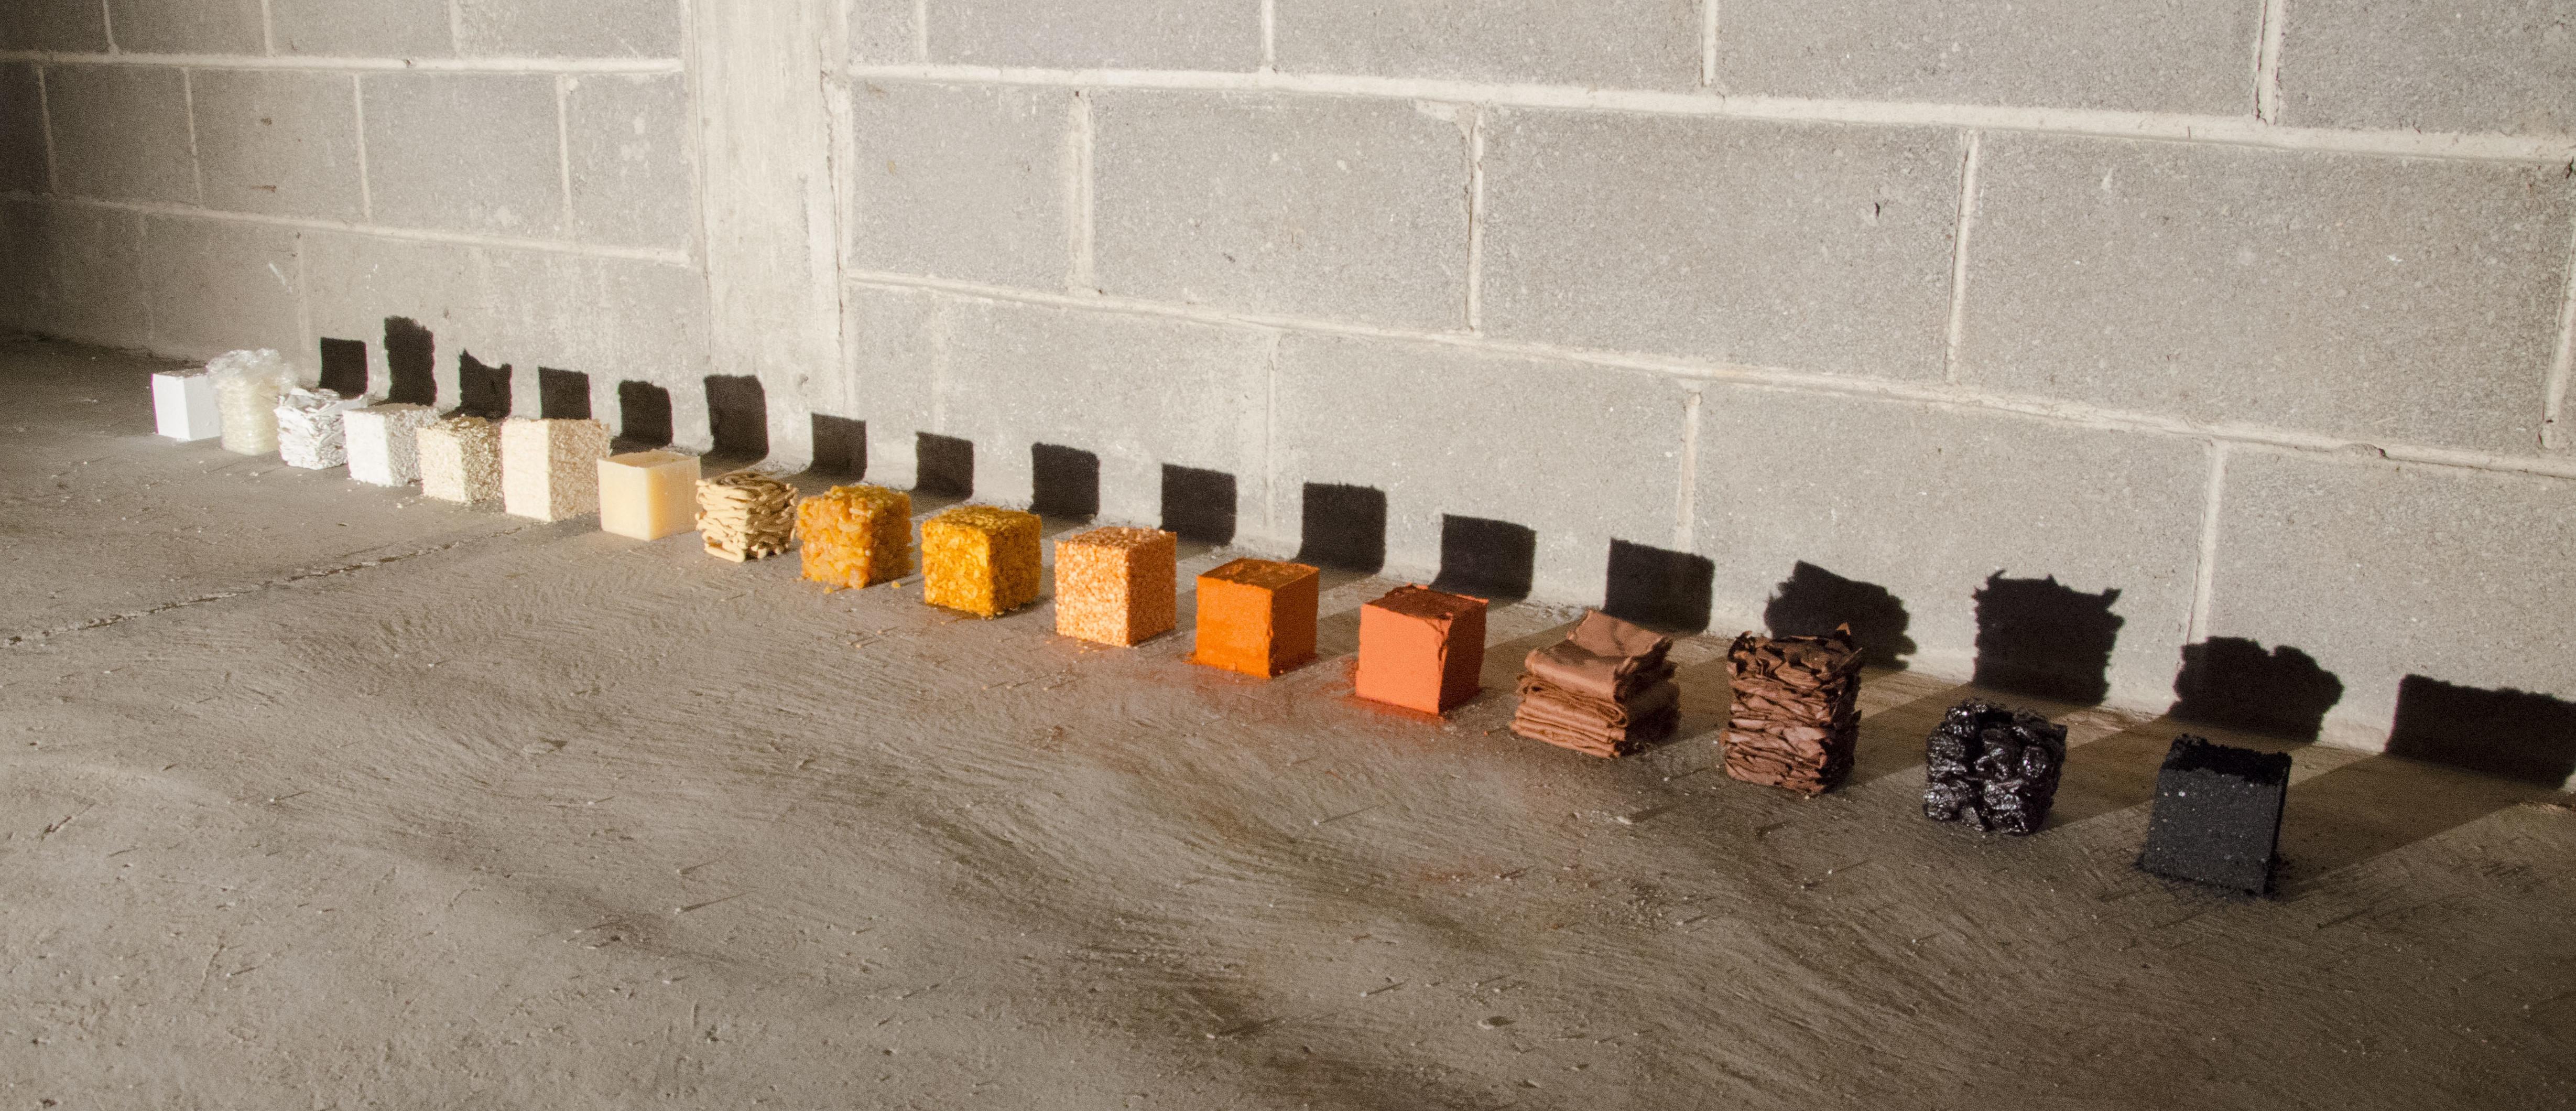 cubes-1-e1429037933595